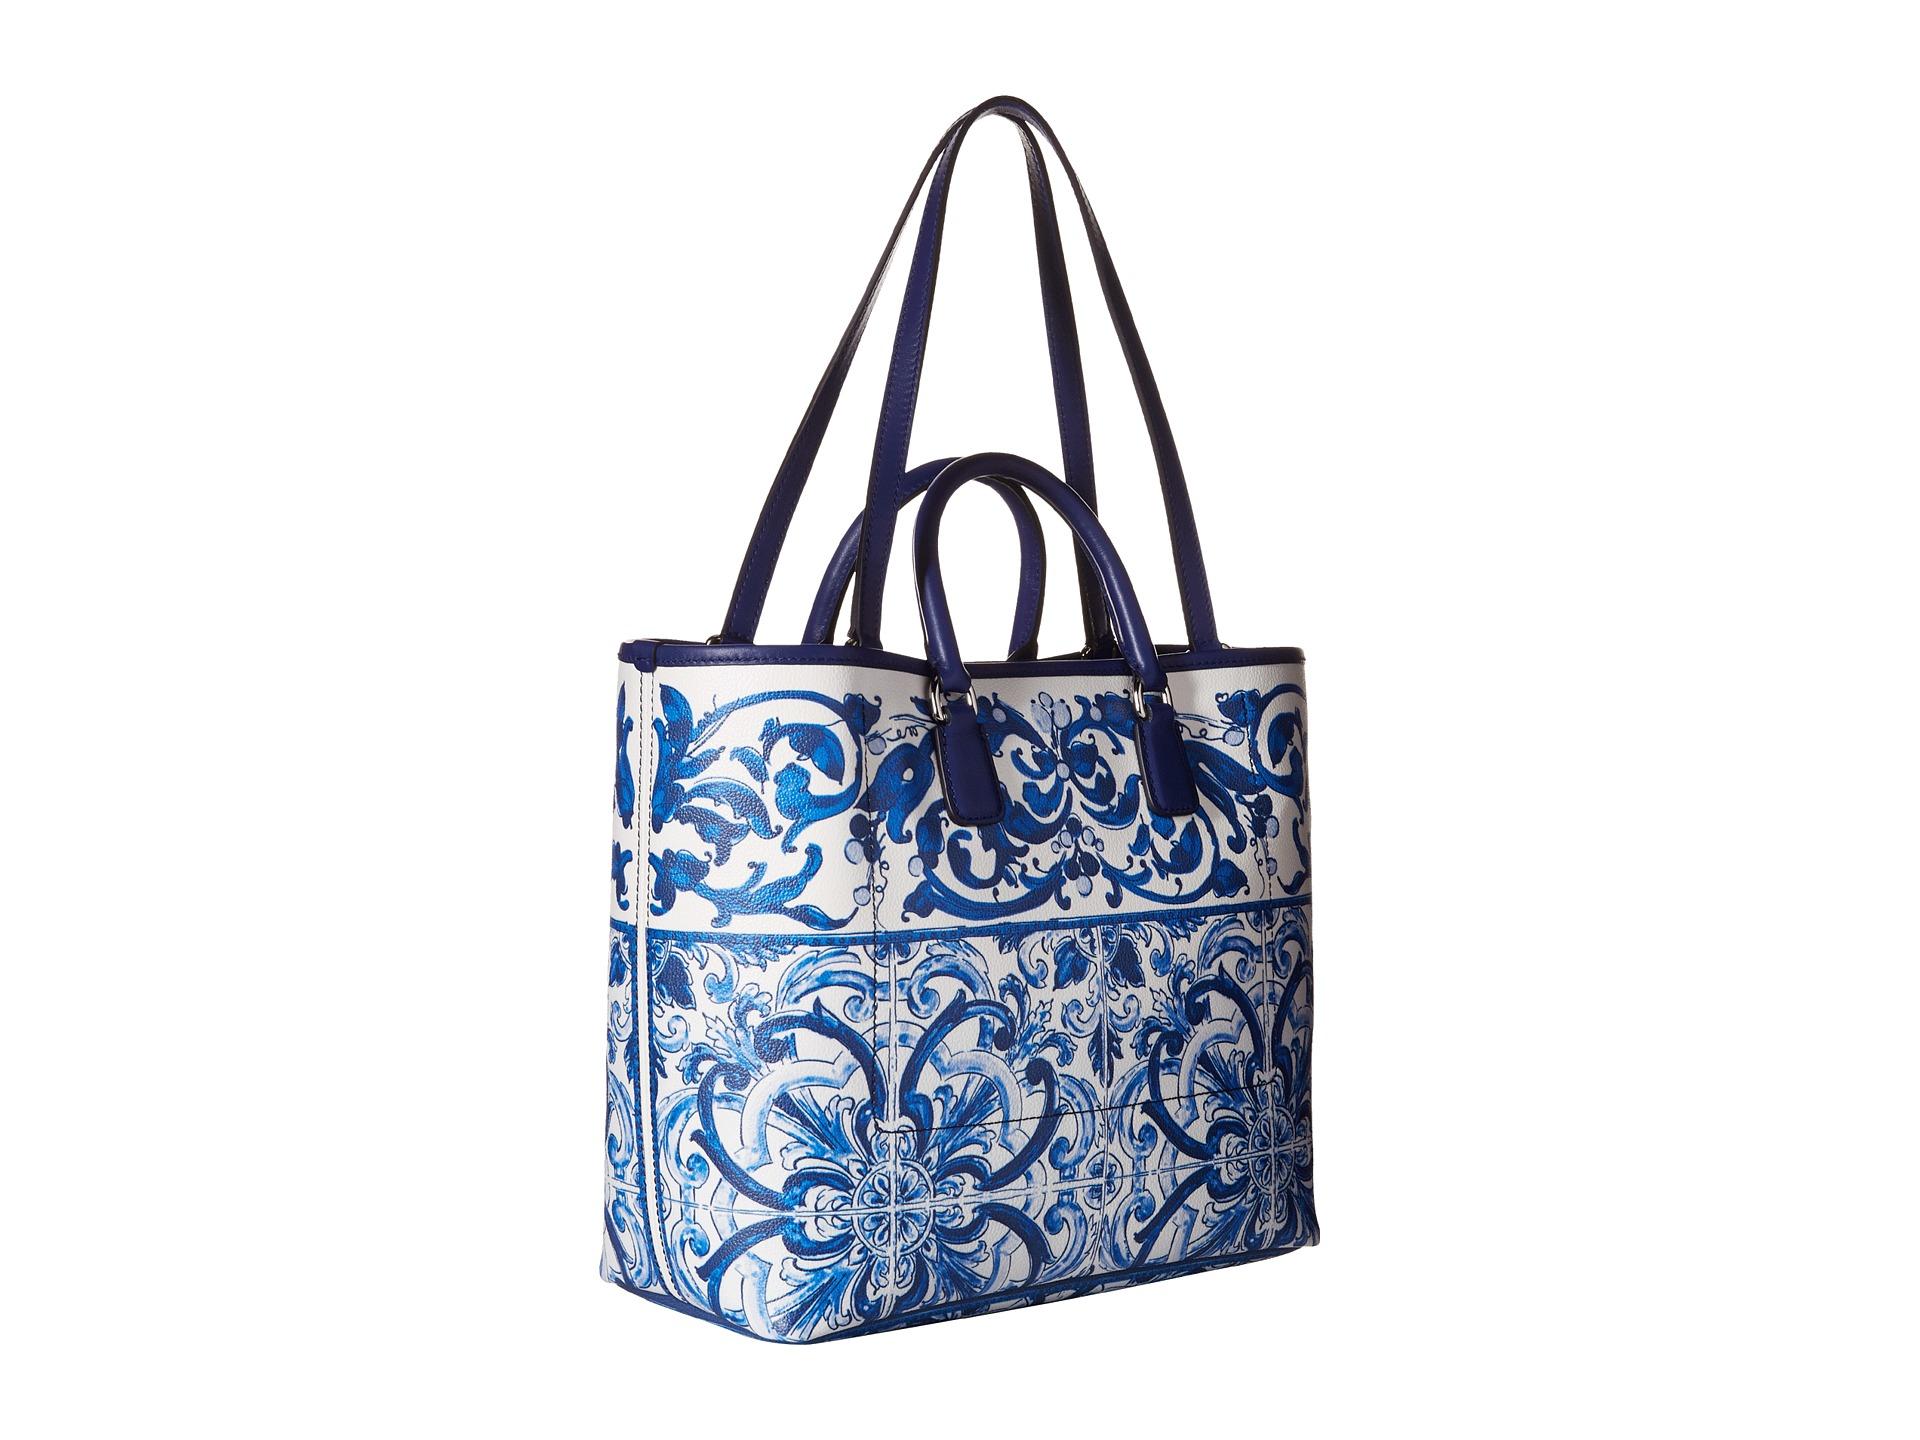 4dbf38a5f16e Lyst - Dolce   Gabbana Tote Bag in Blue